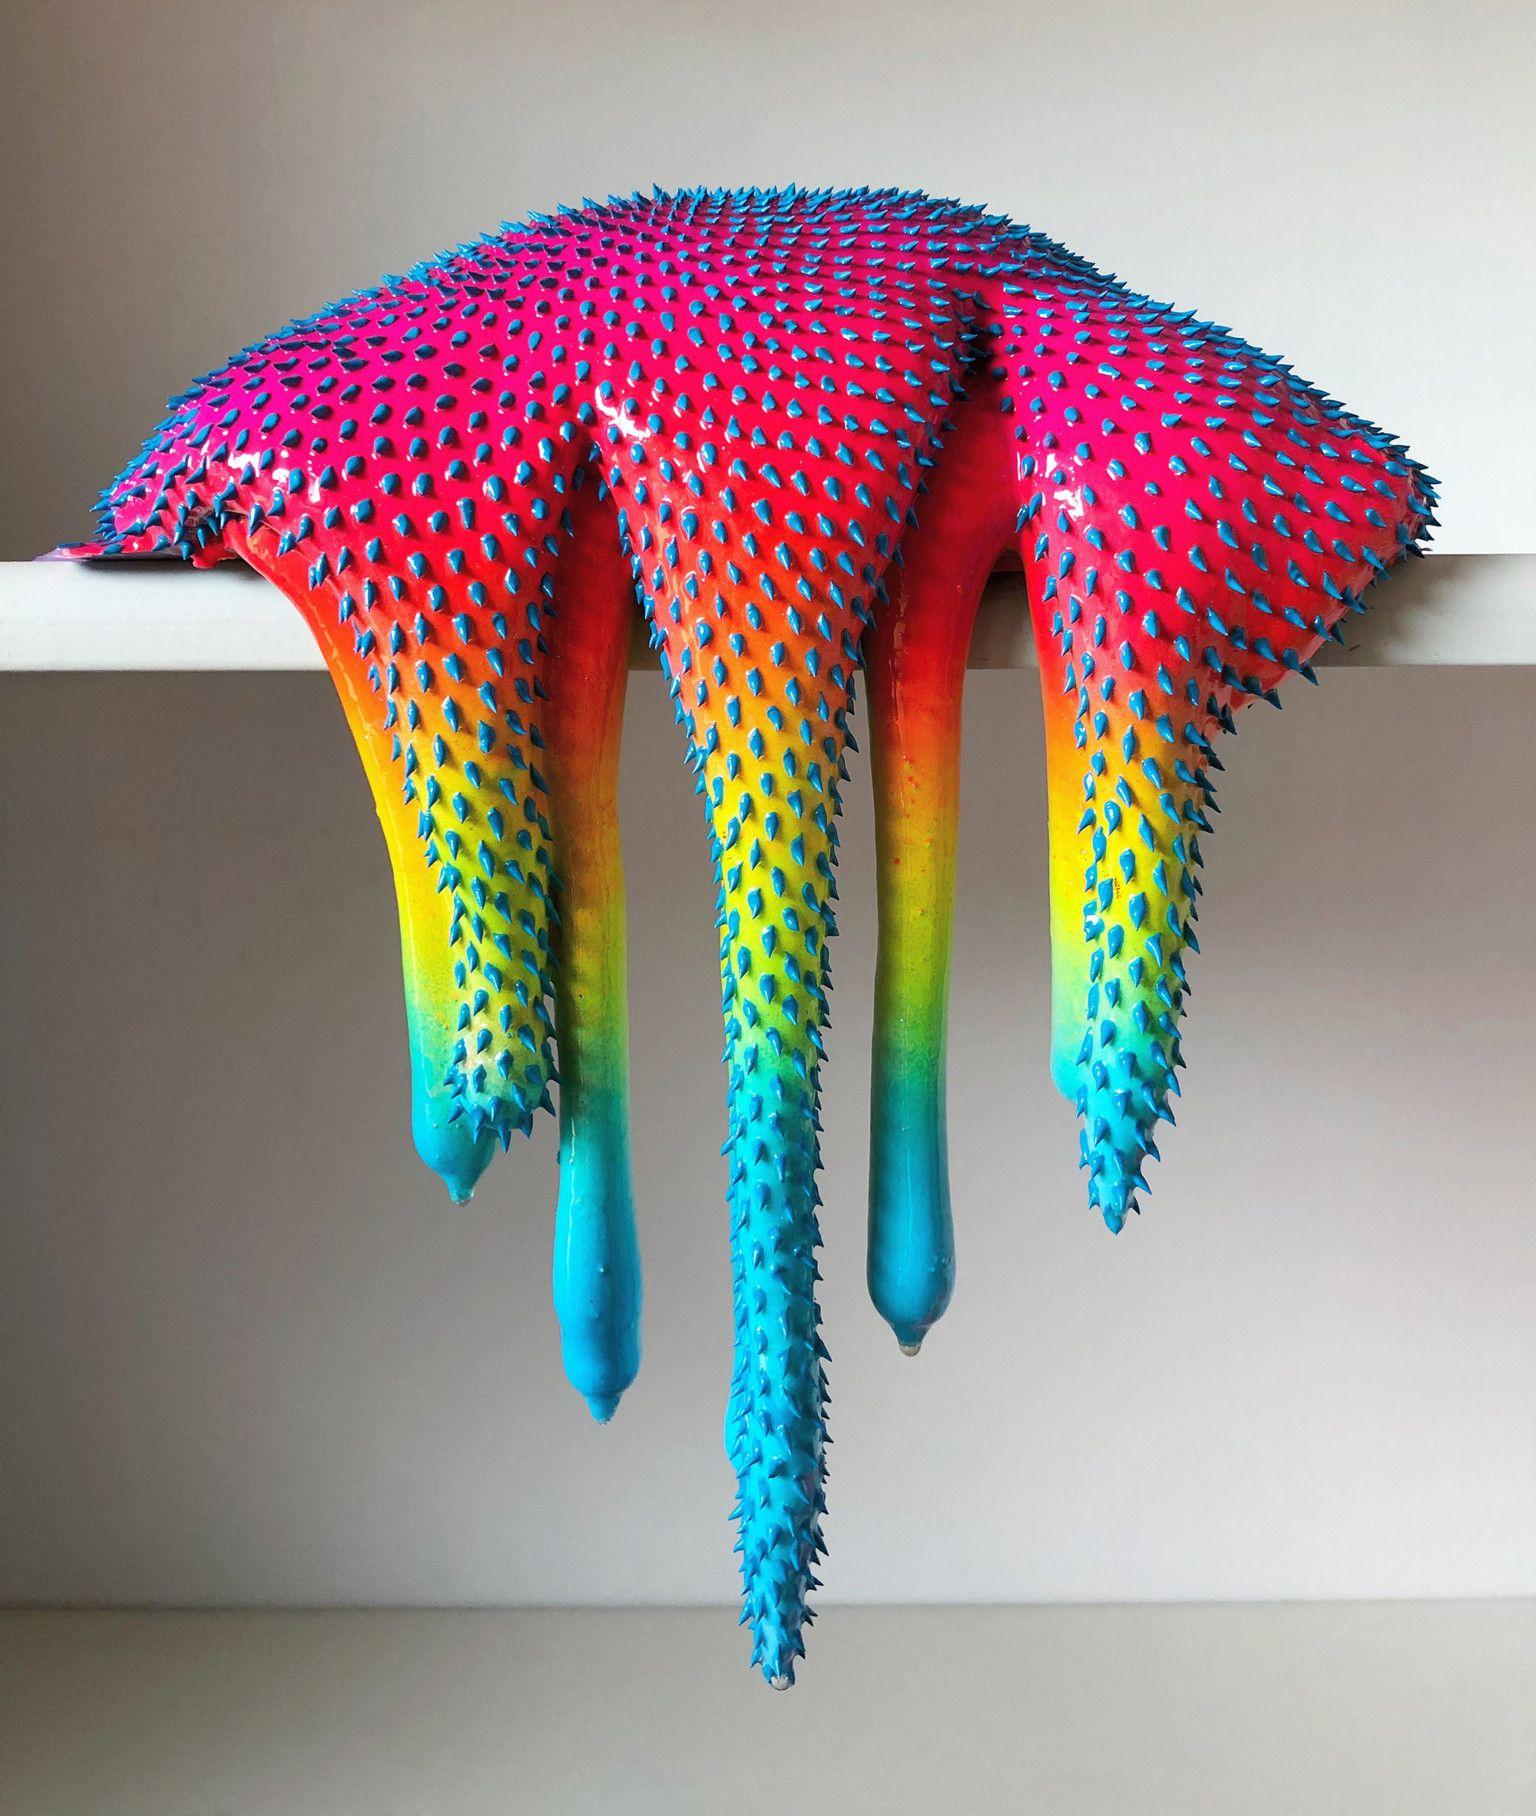 Le sculture destabilizzanti e fluorescenti di Dan Lam   Collater.al 10